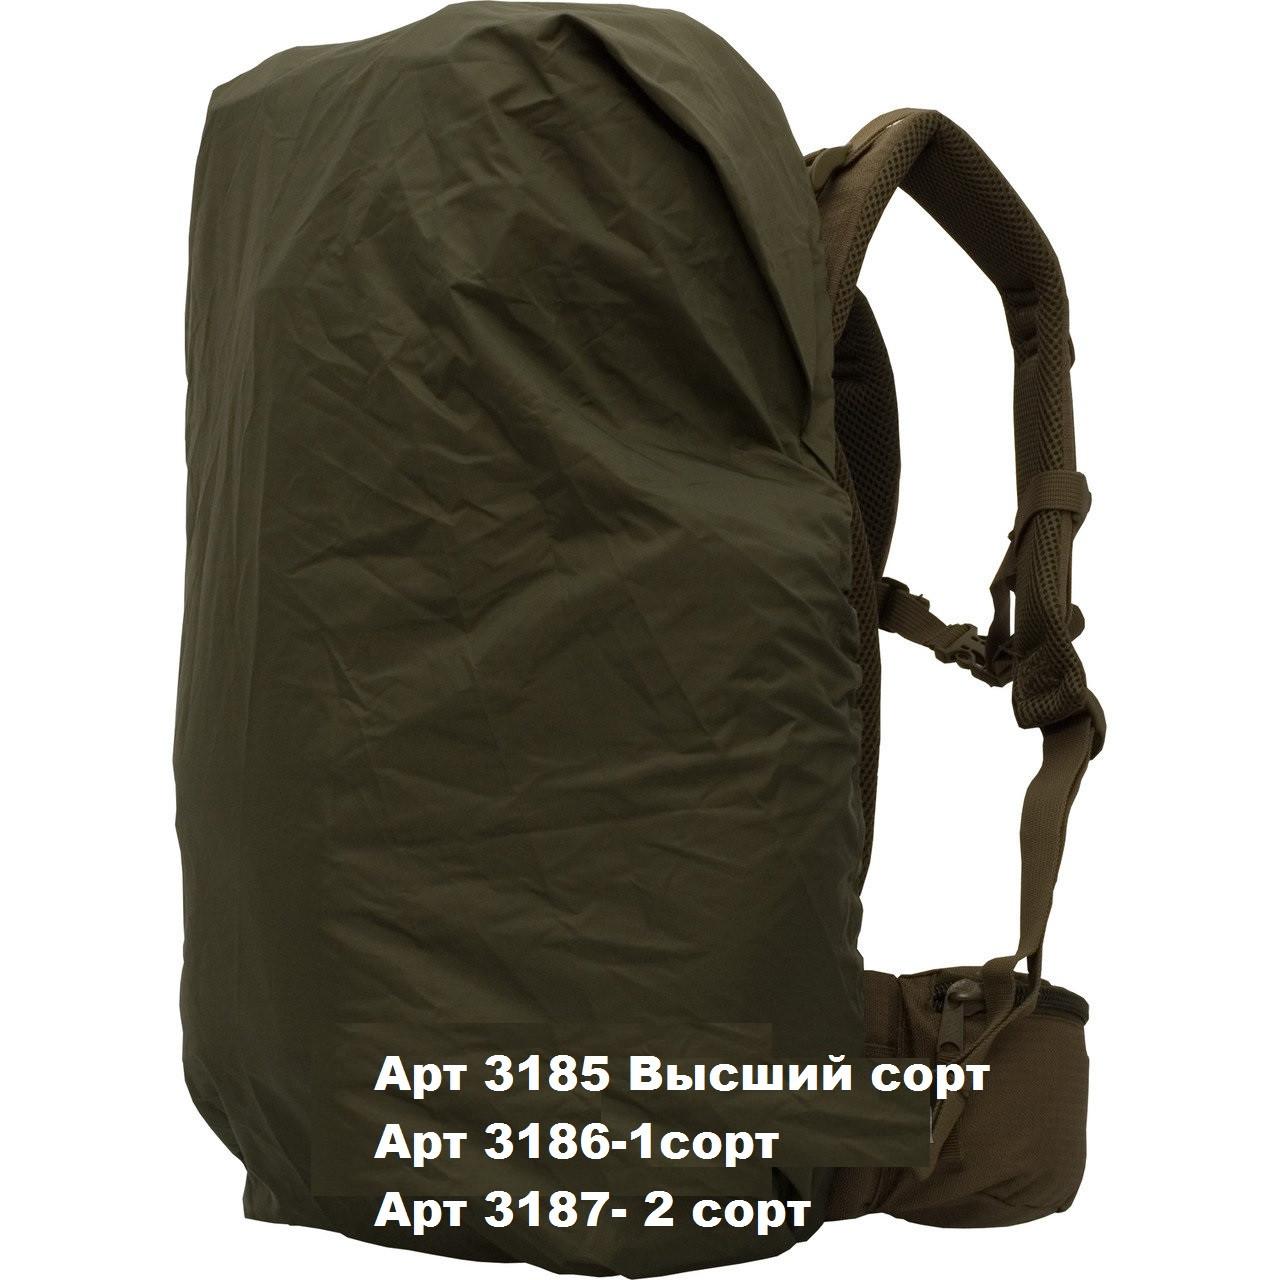 Кавер-чехол на рюкзак большой  Австрия Хаки   1   сорт .